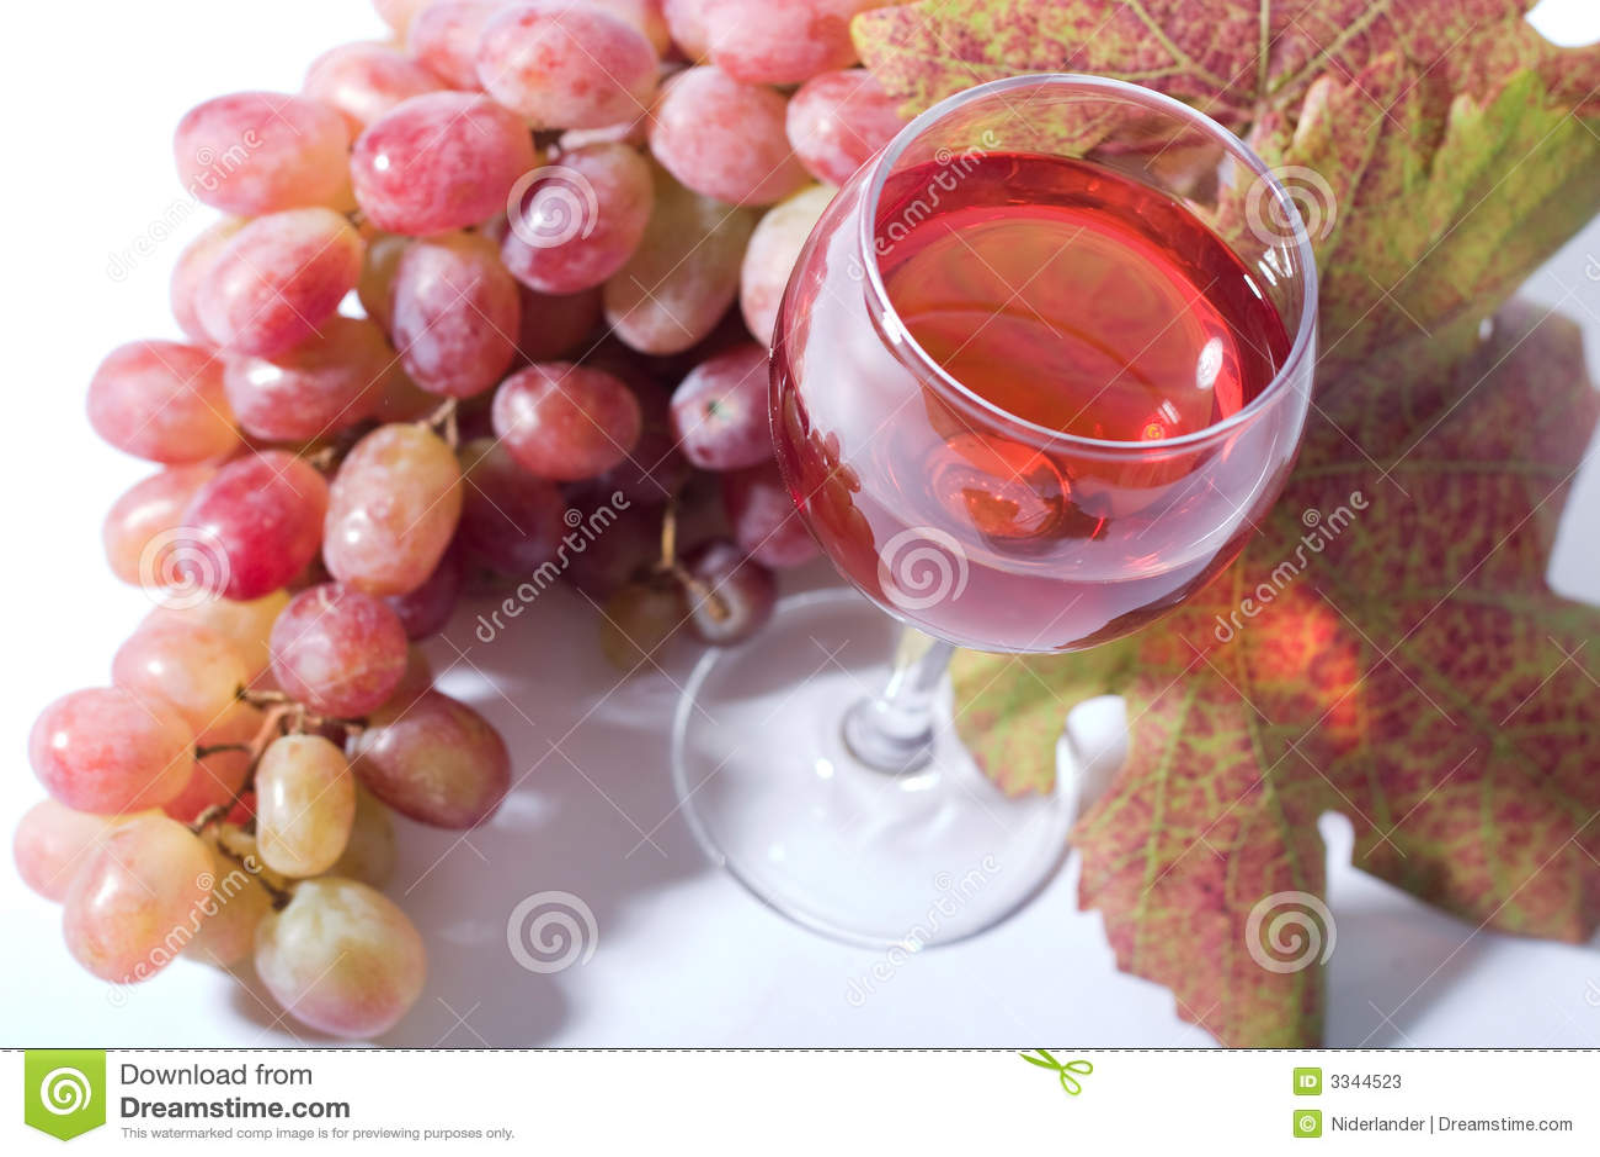 Resultado de imagen para Vino rosado